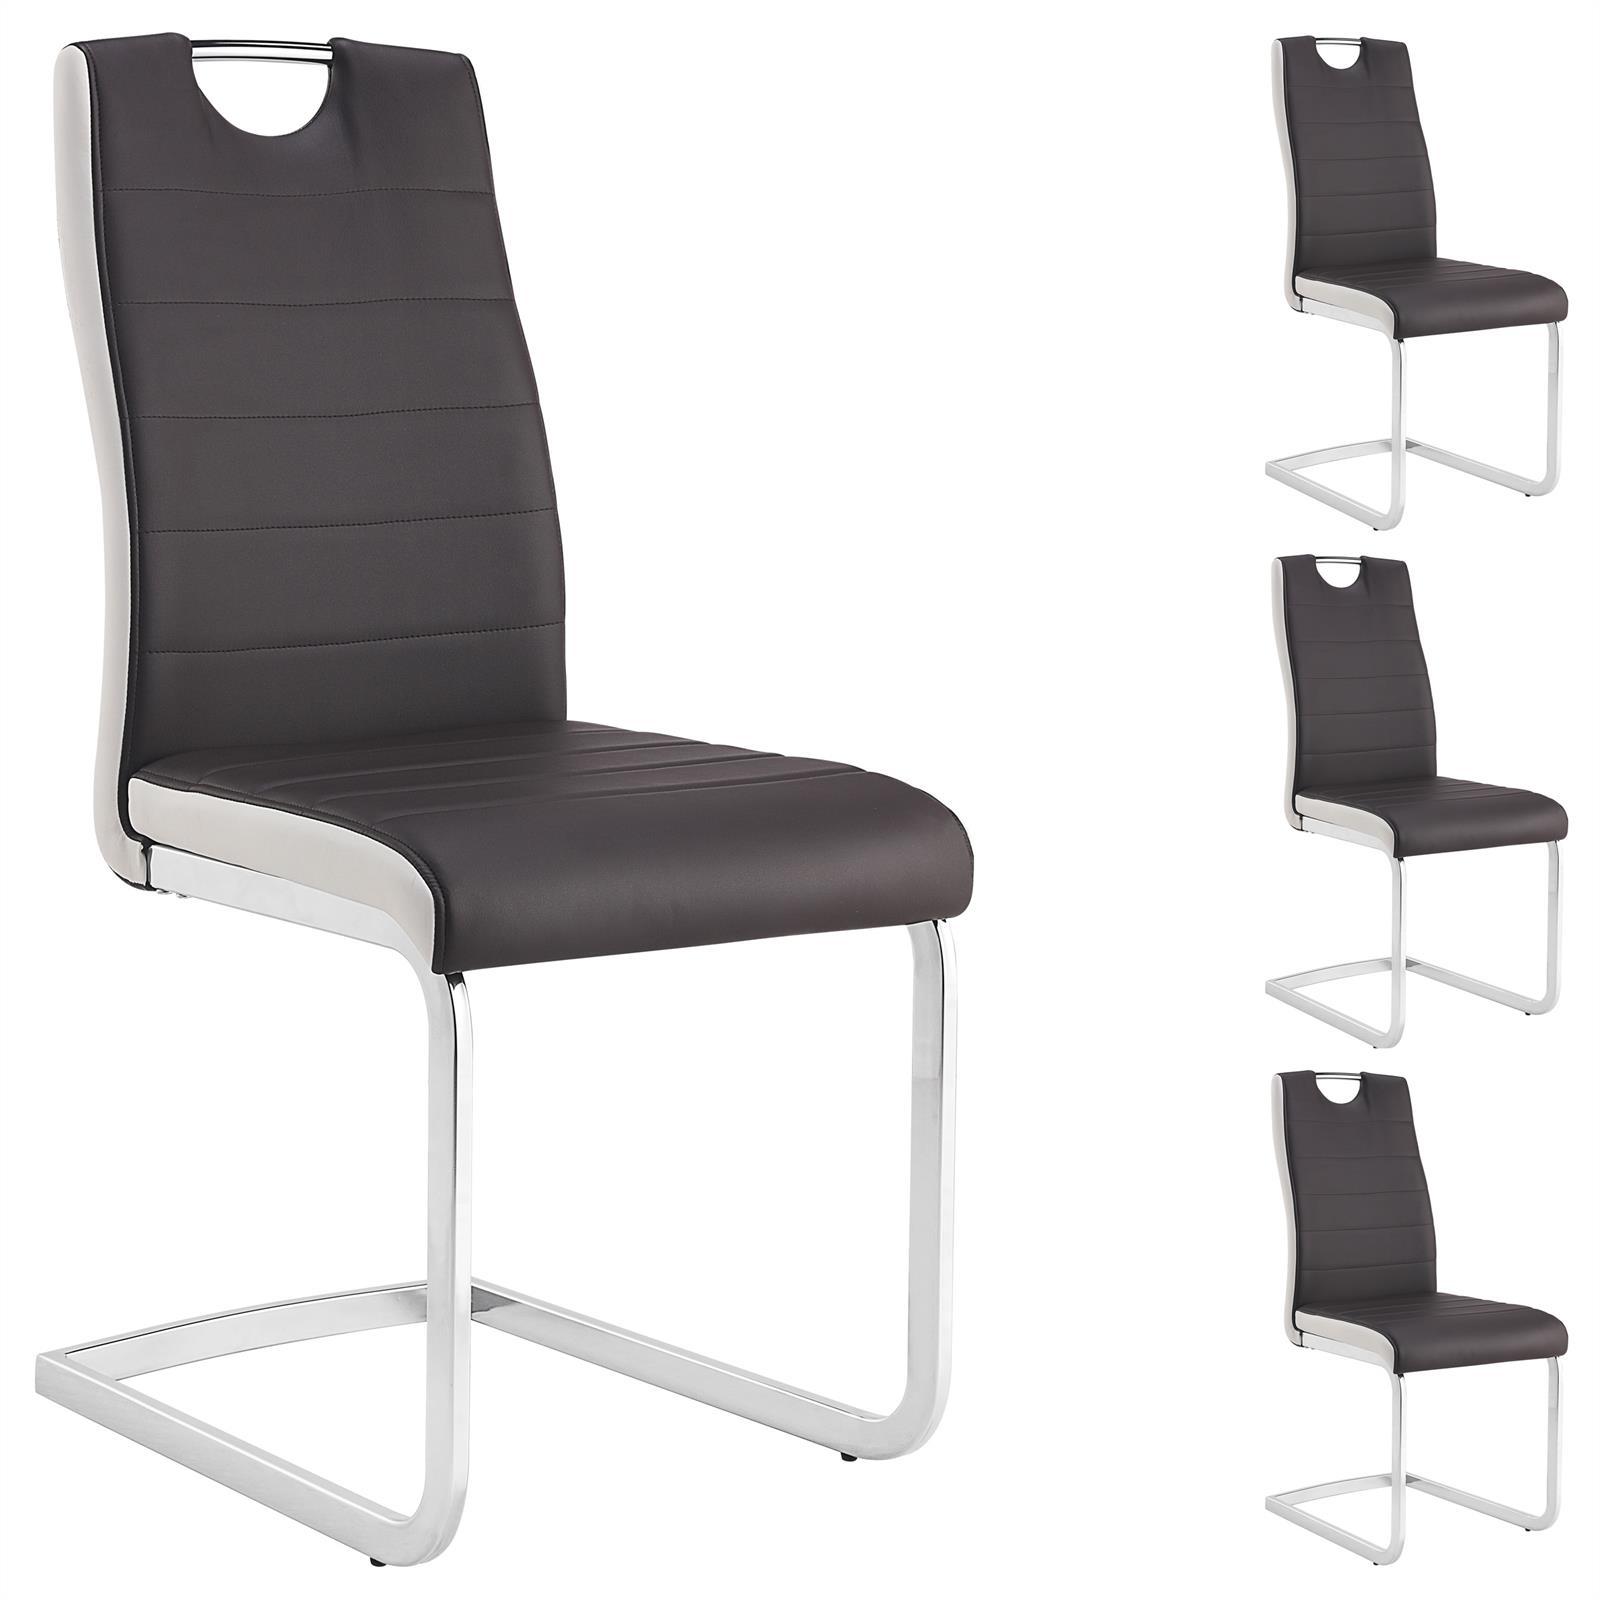 4er set schwingstuhl george braun wei mobilia24. Black Bedroom Furniture Sets. Home Design Ideas